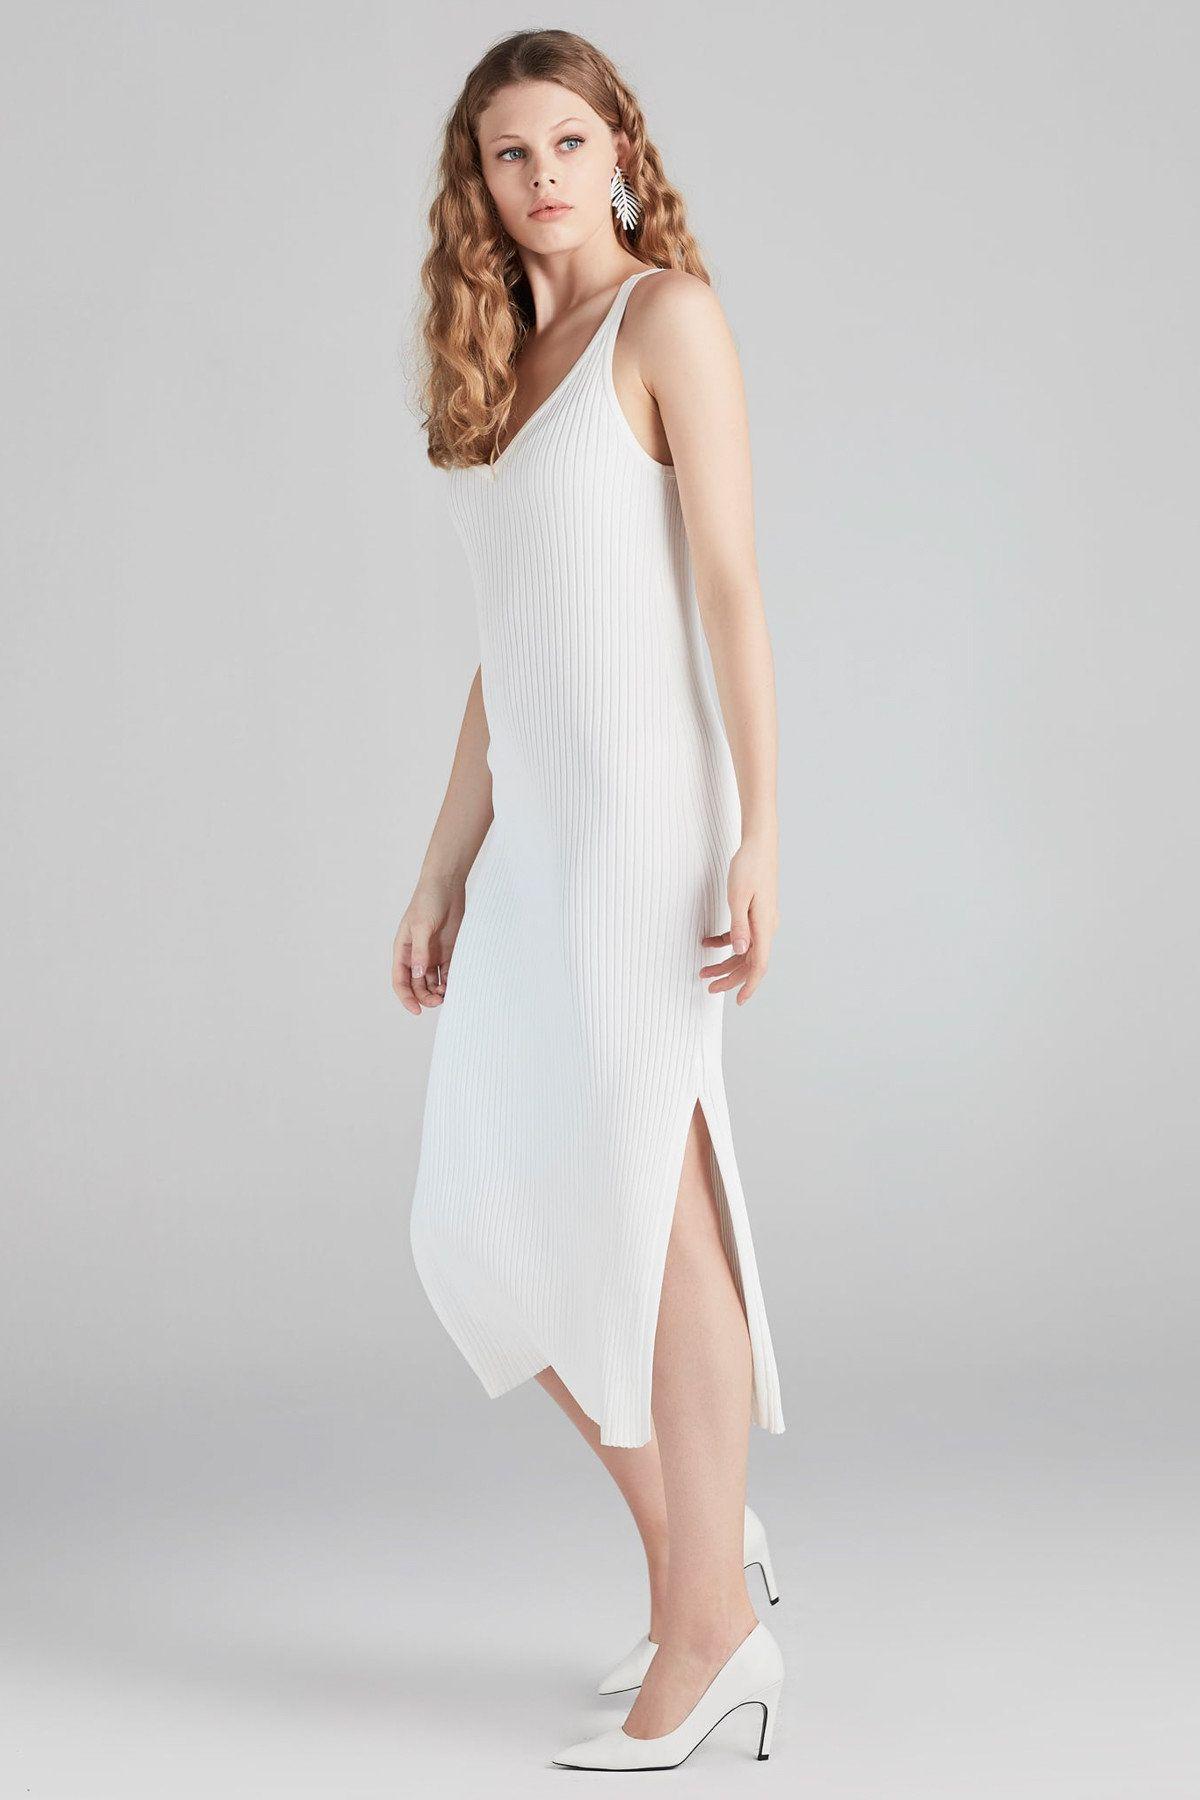 Kadin Kirik Beyaz Elbise Is1180002432 Ipekyol Trendyol Elbise The Dress Moda Stilleri